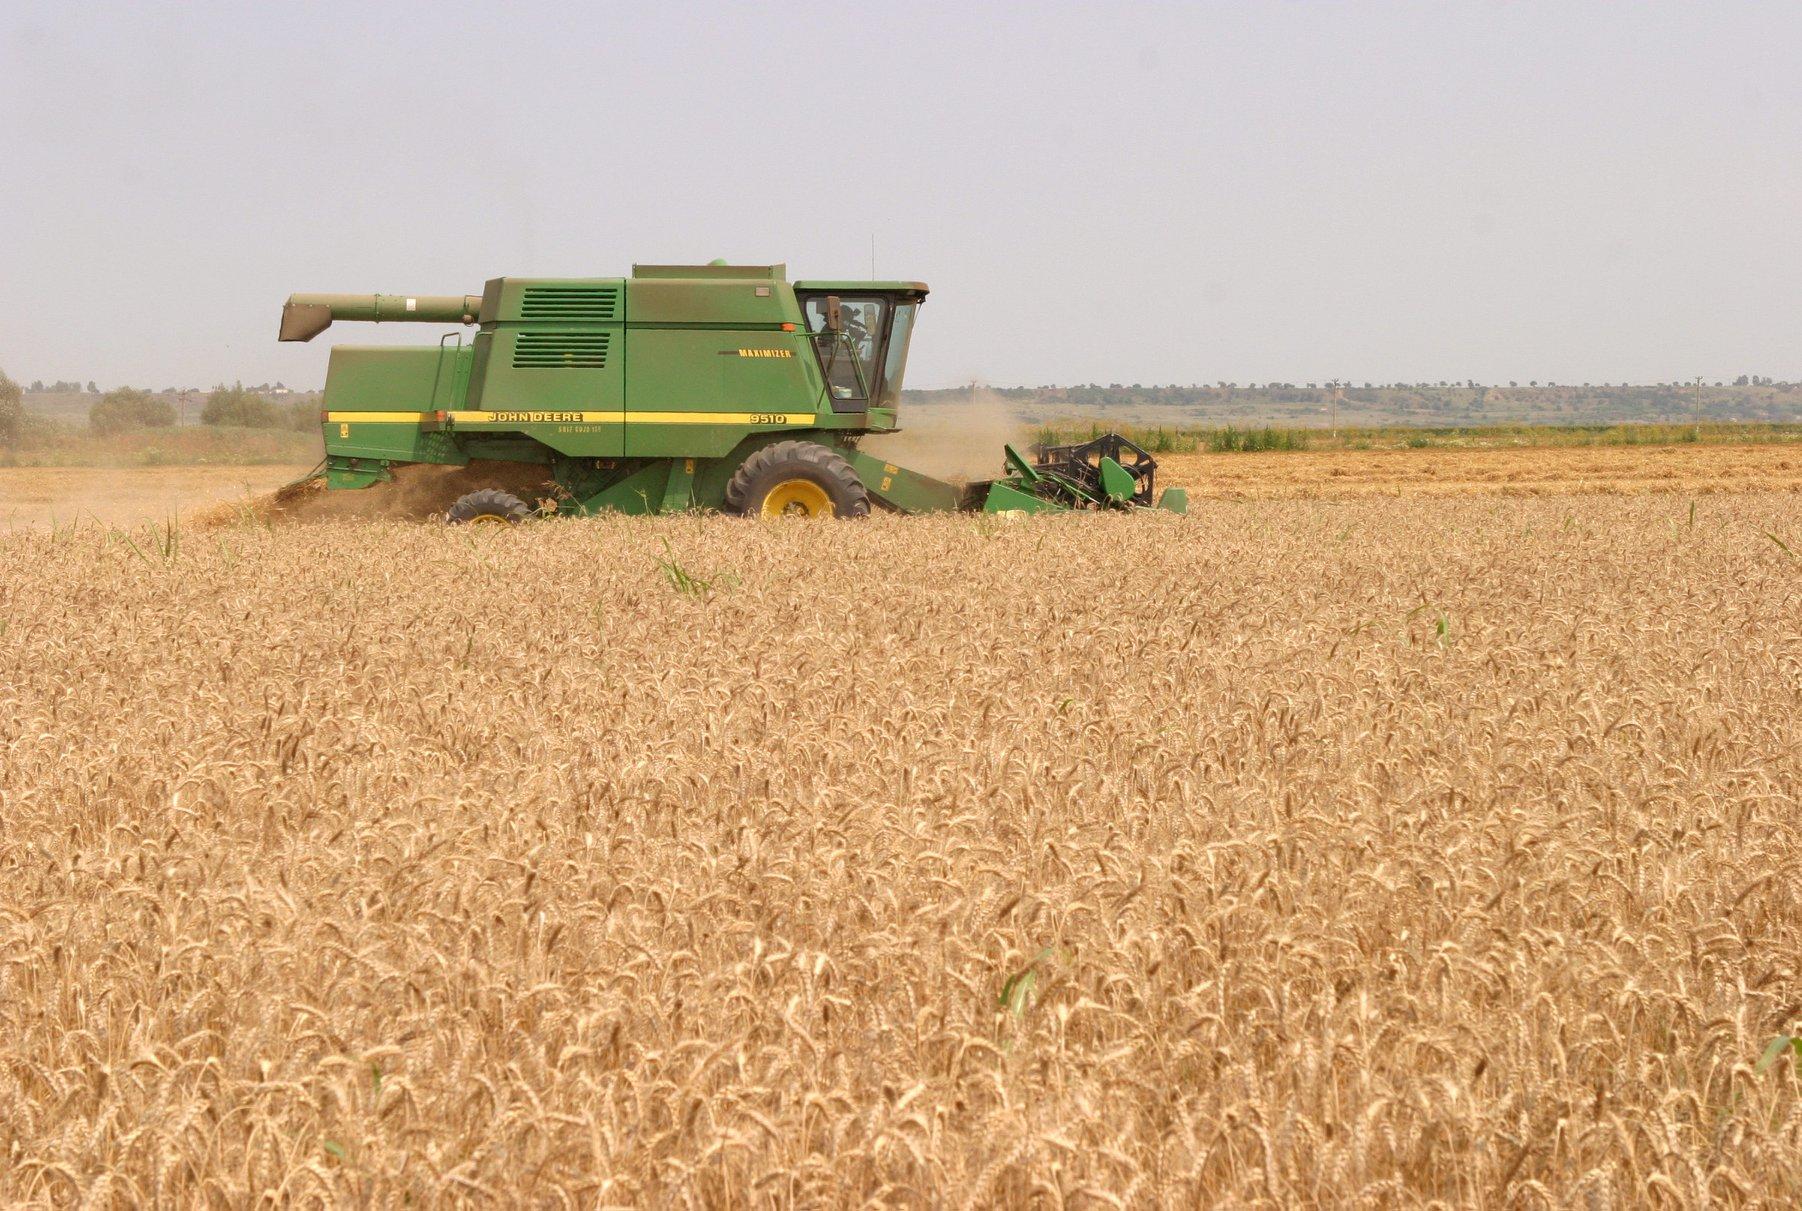 Bani pentru motorina utilizata in agricultura si in acest an